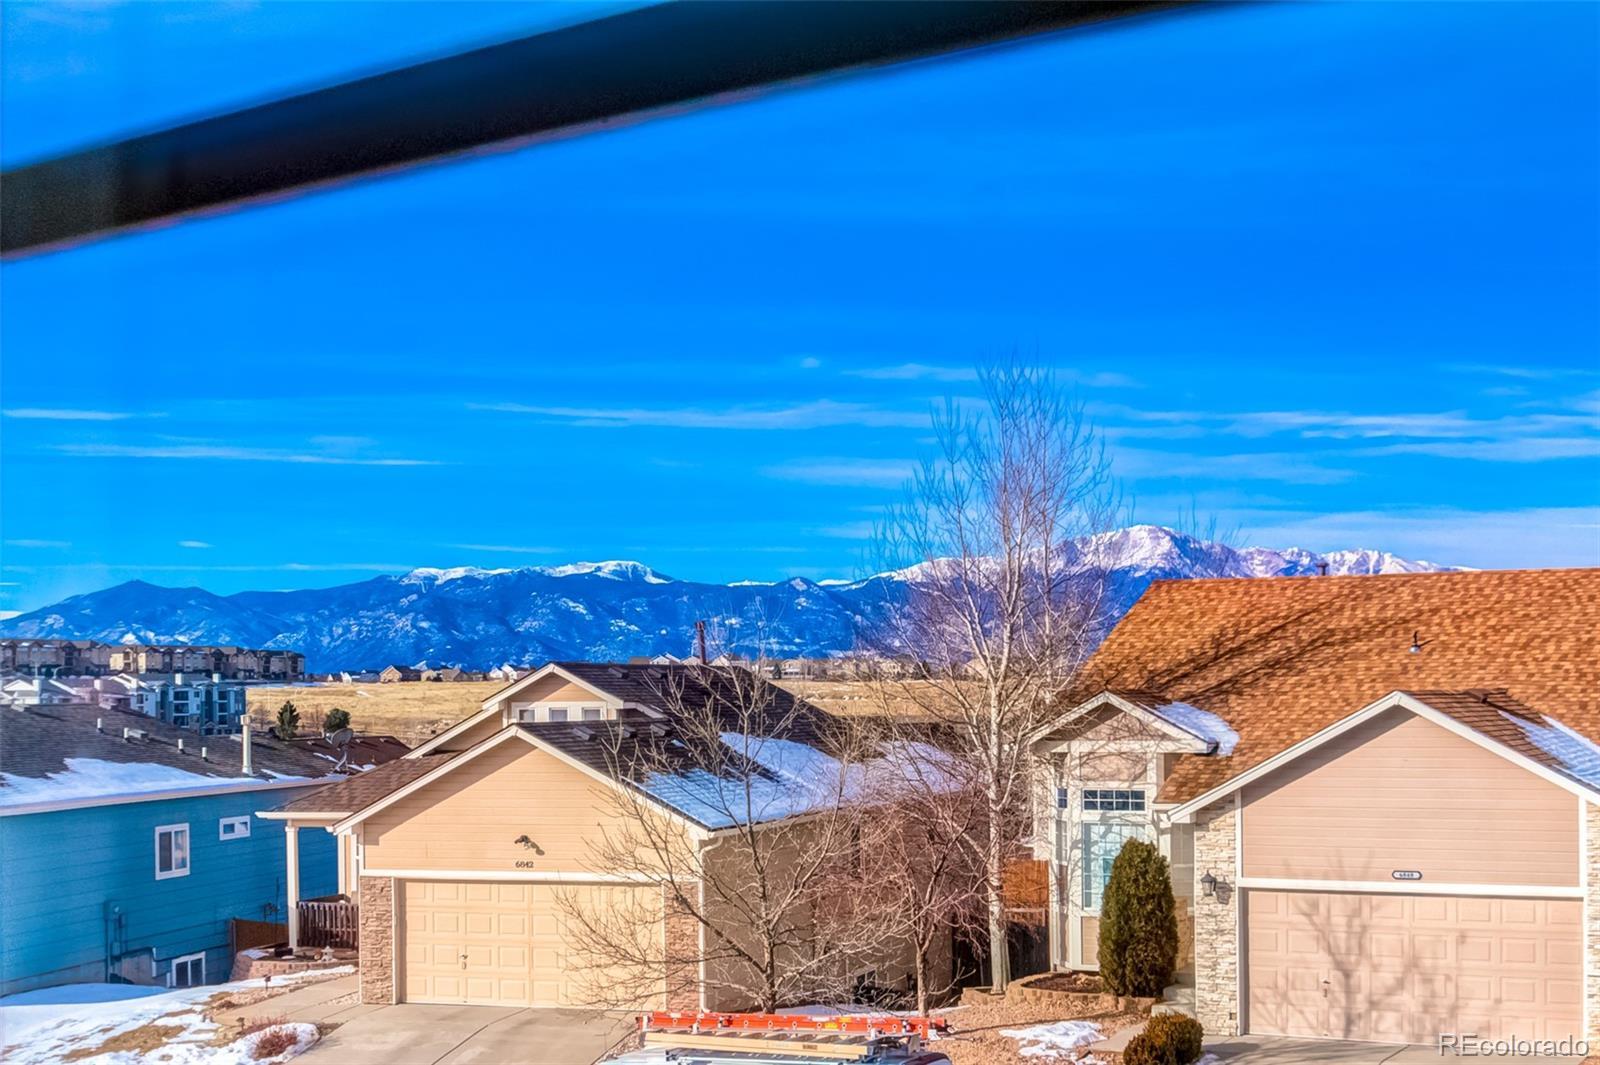 MLS# 8611656 - 14 - 6847 Lost Springs Drive, Colorado Springs, CO 80923